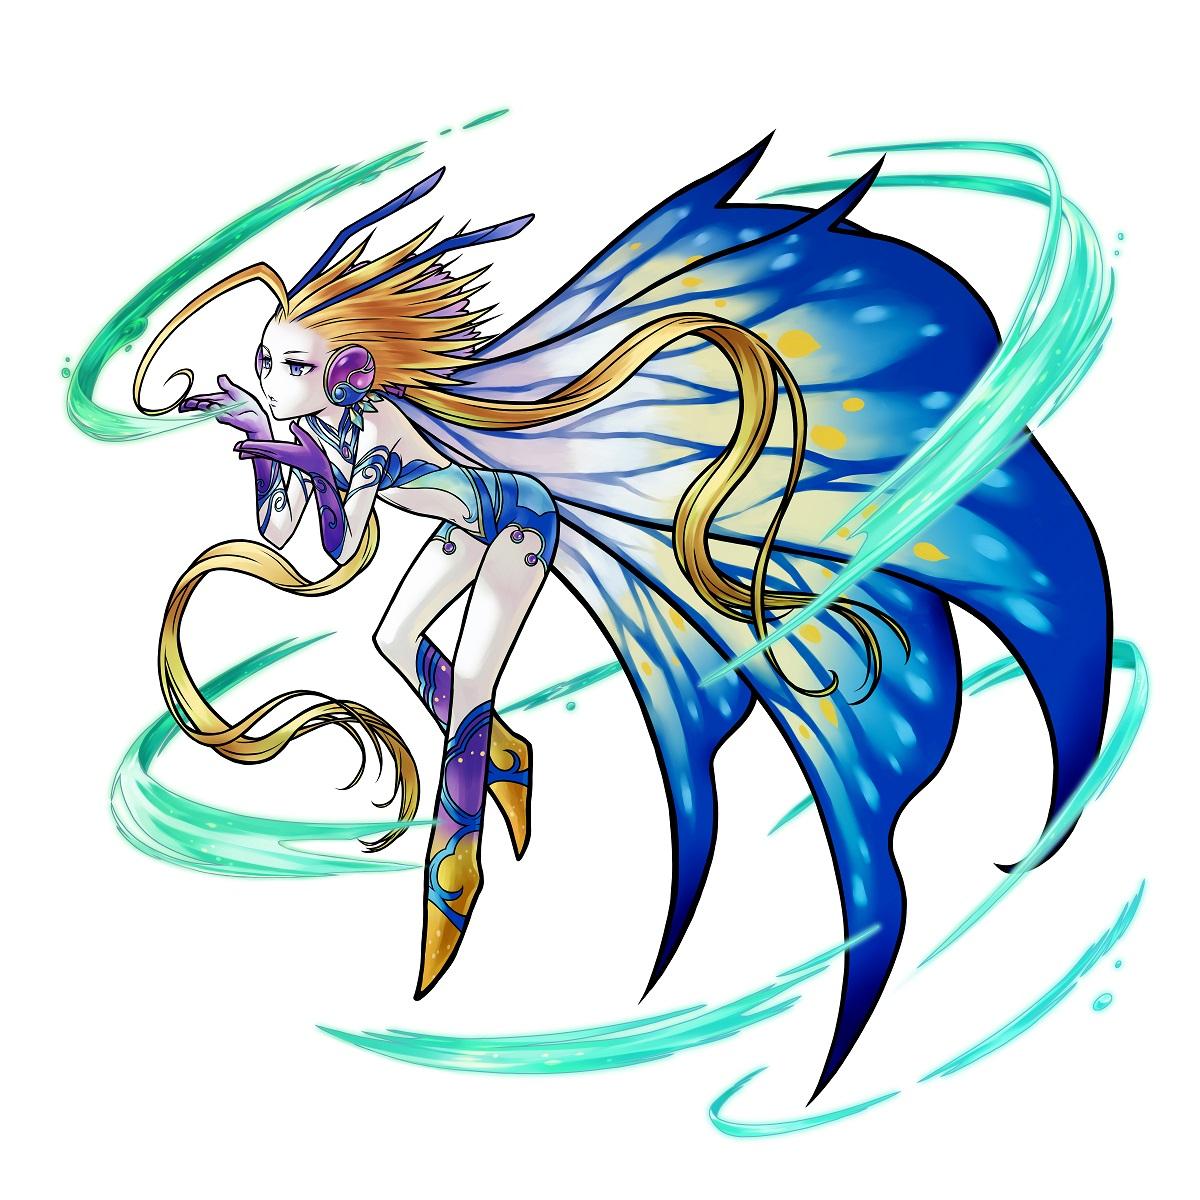 Dissidia Final Fantasy: Opera Omnia k nám dorazí koncem roku 154985